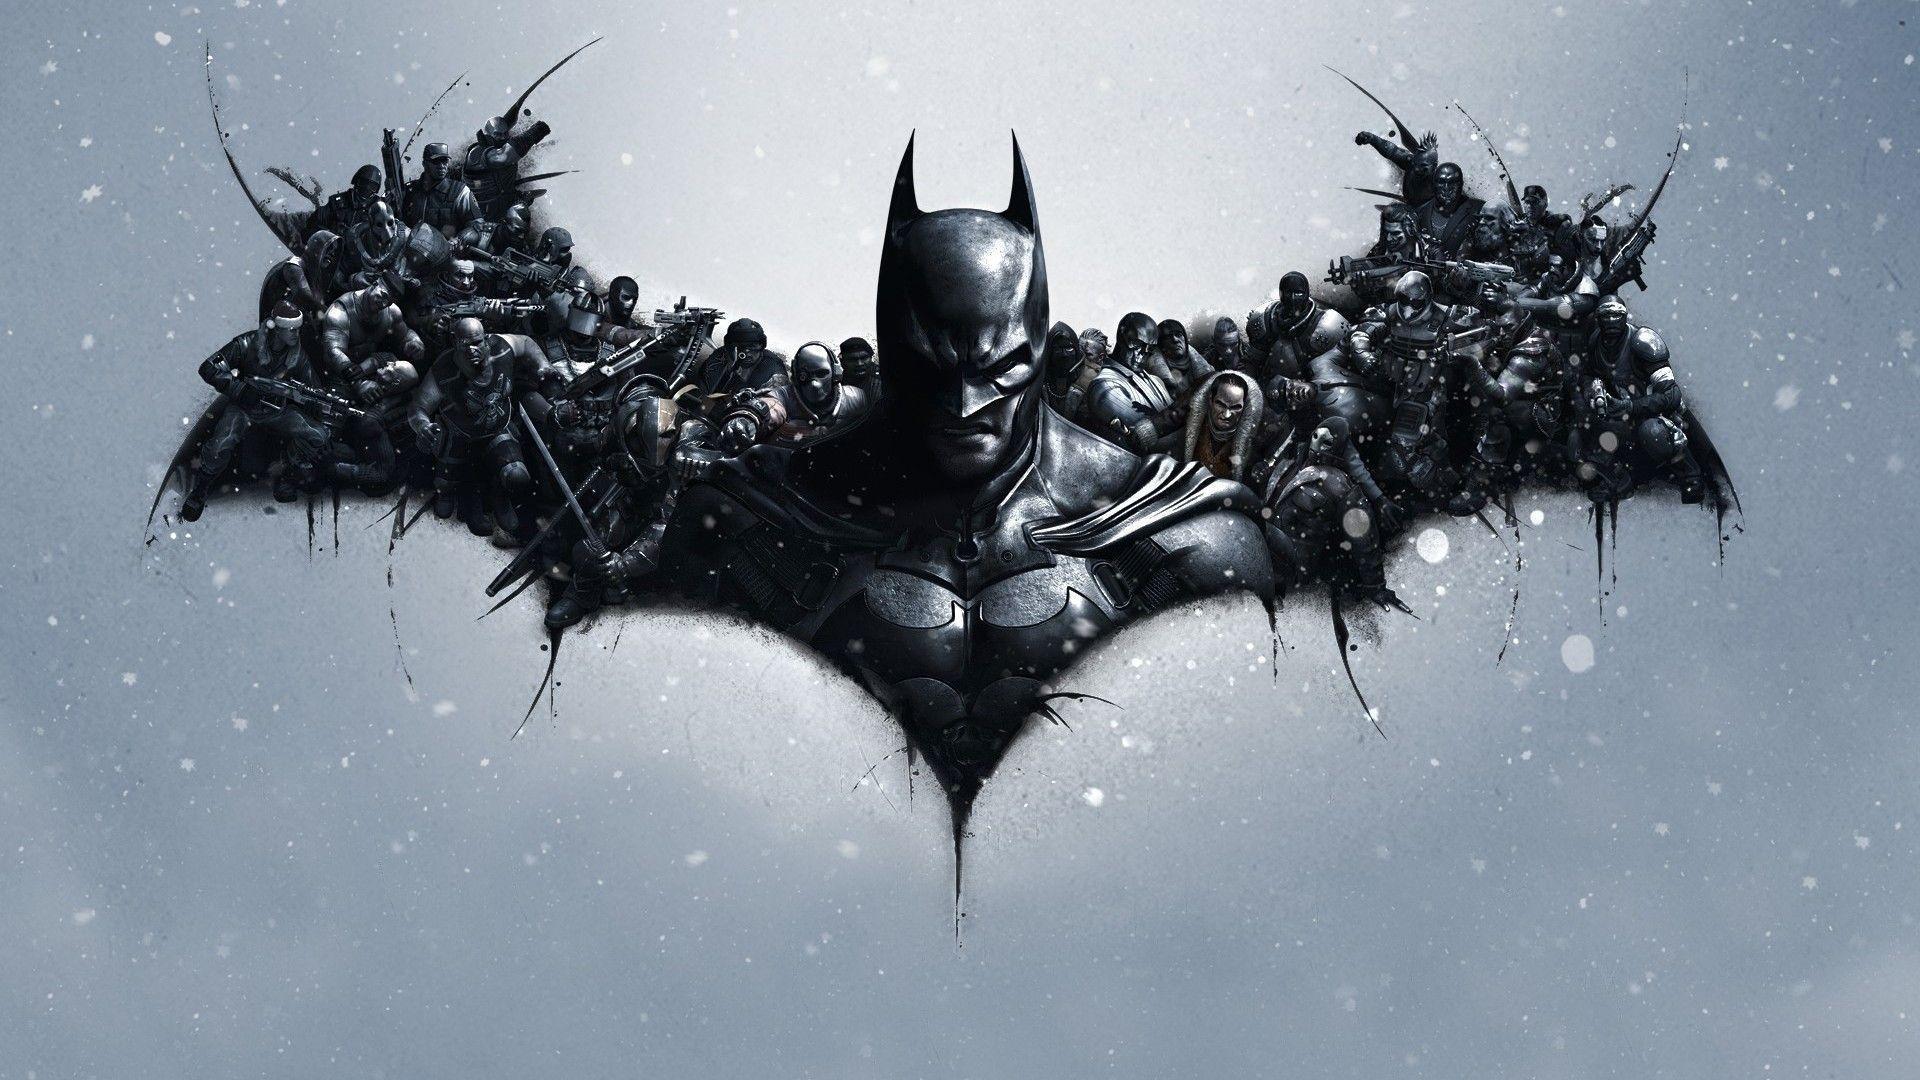 Batman Wallpapers And Screensavers 9701 Full HD Wallpaper Desktop .